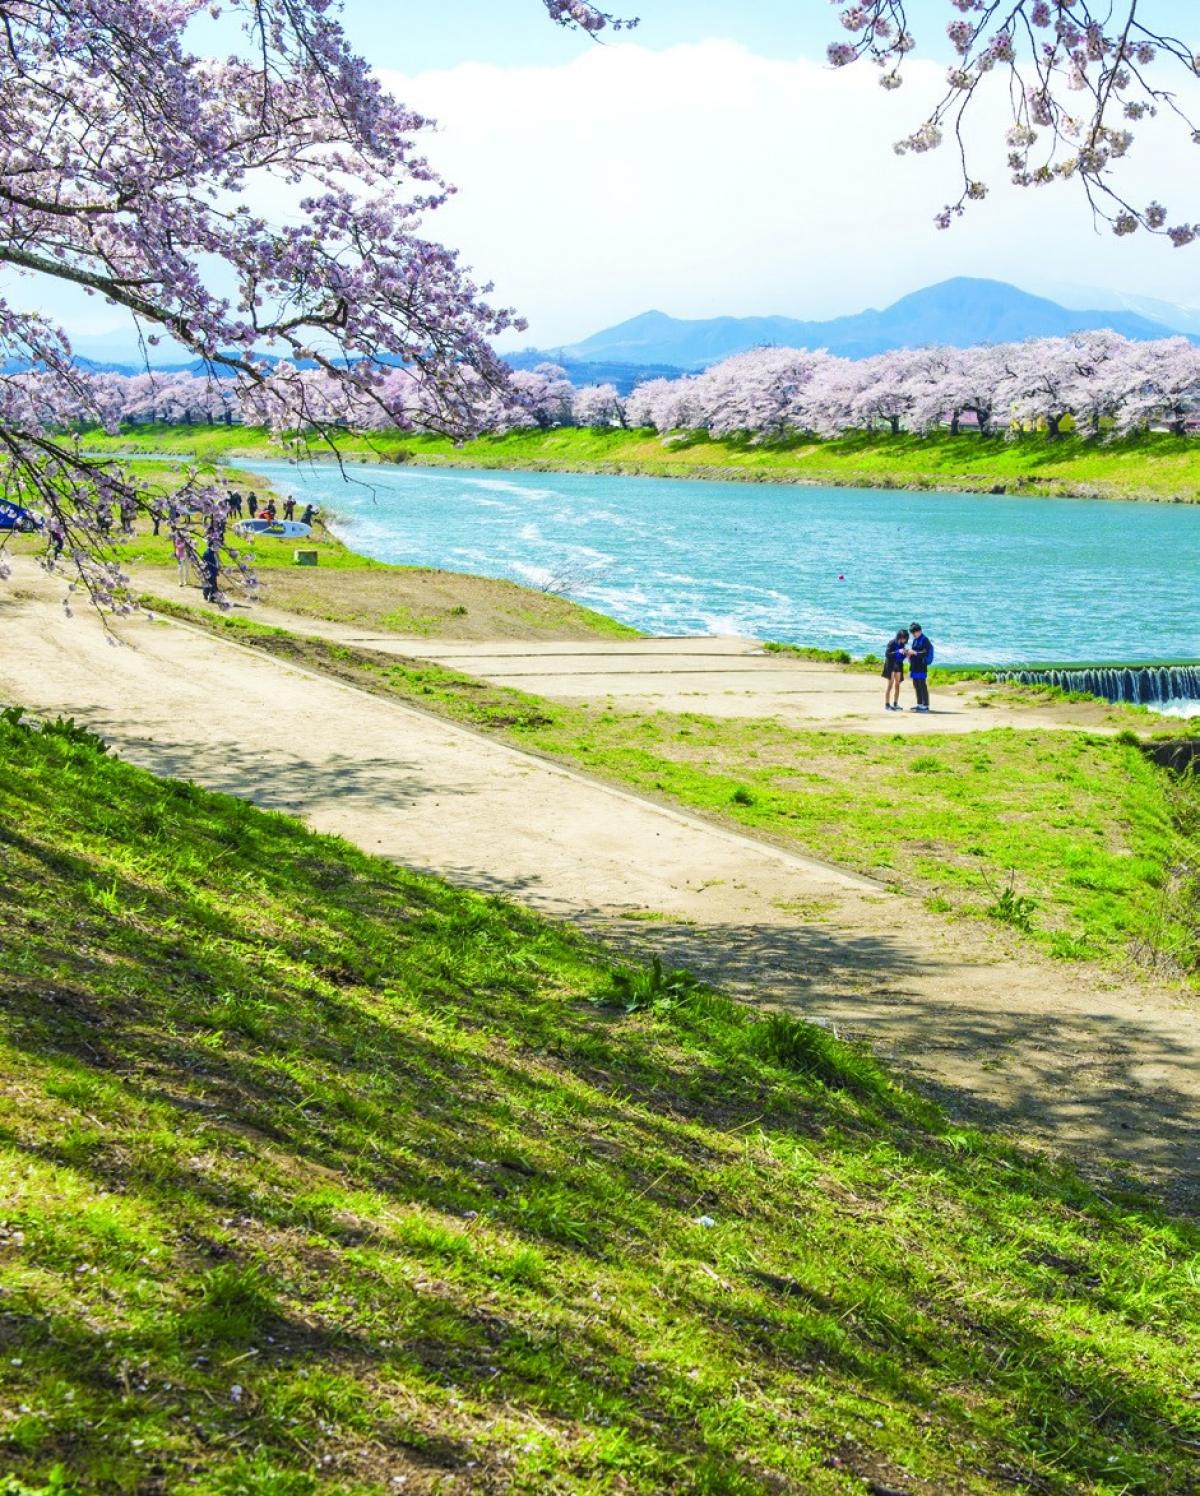 Vẻ đẹp kỳ thú tại quê hương samurai - Ảnh 4.